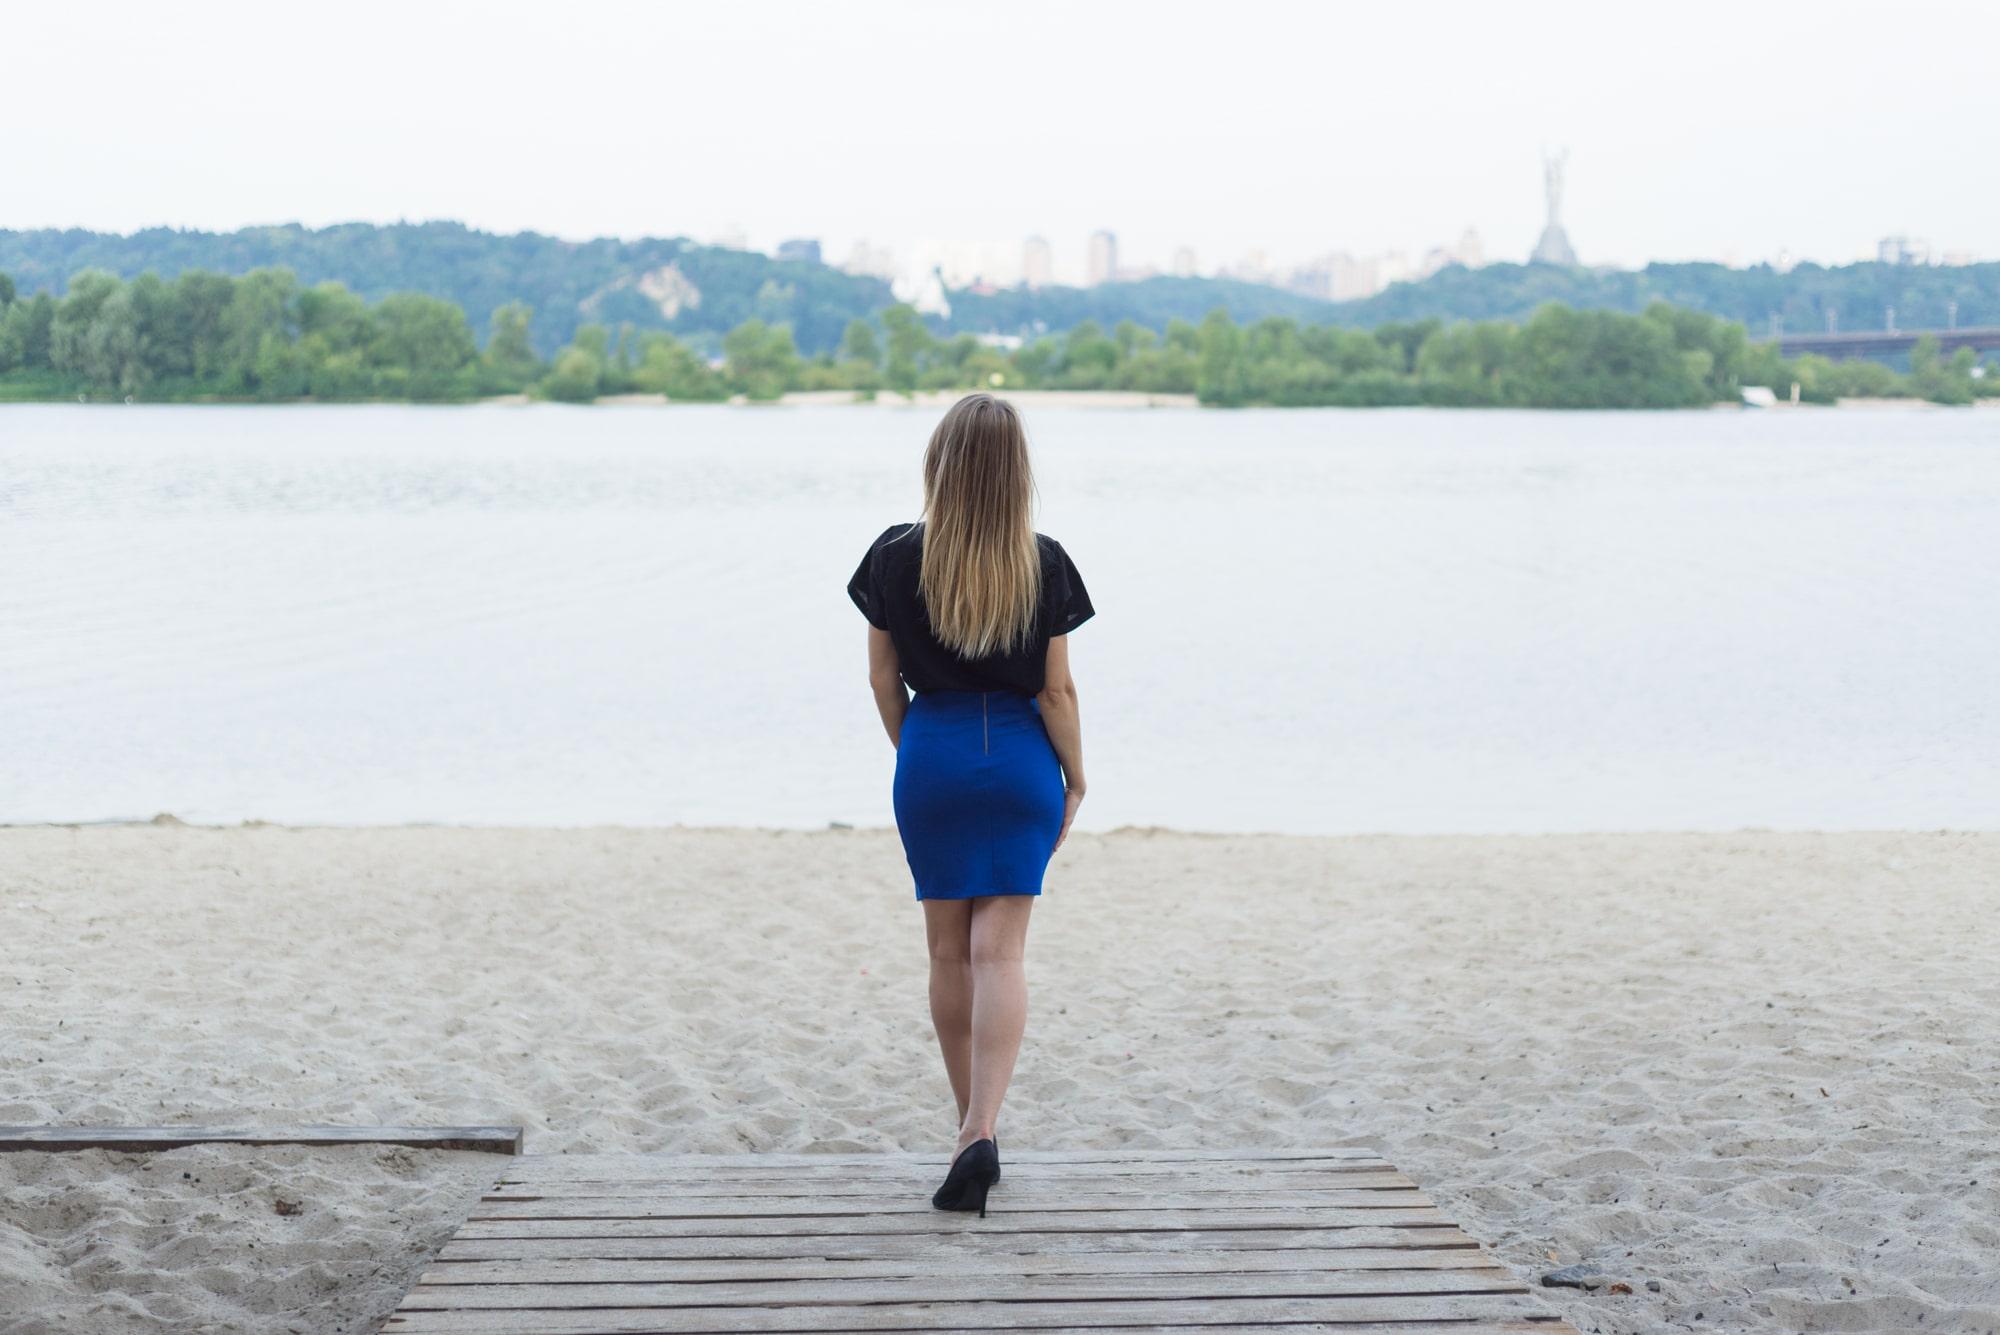 Фотосессия Love Story в Киеве - фото для девушки на пляже в платье